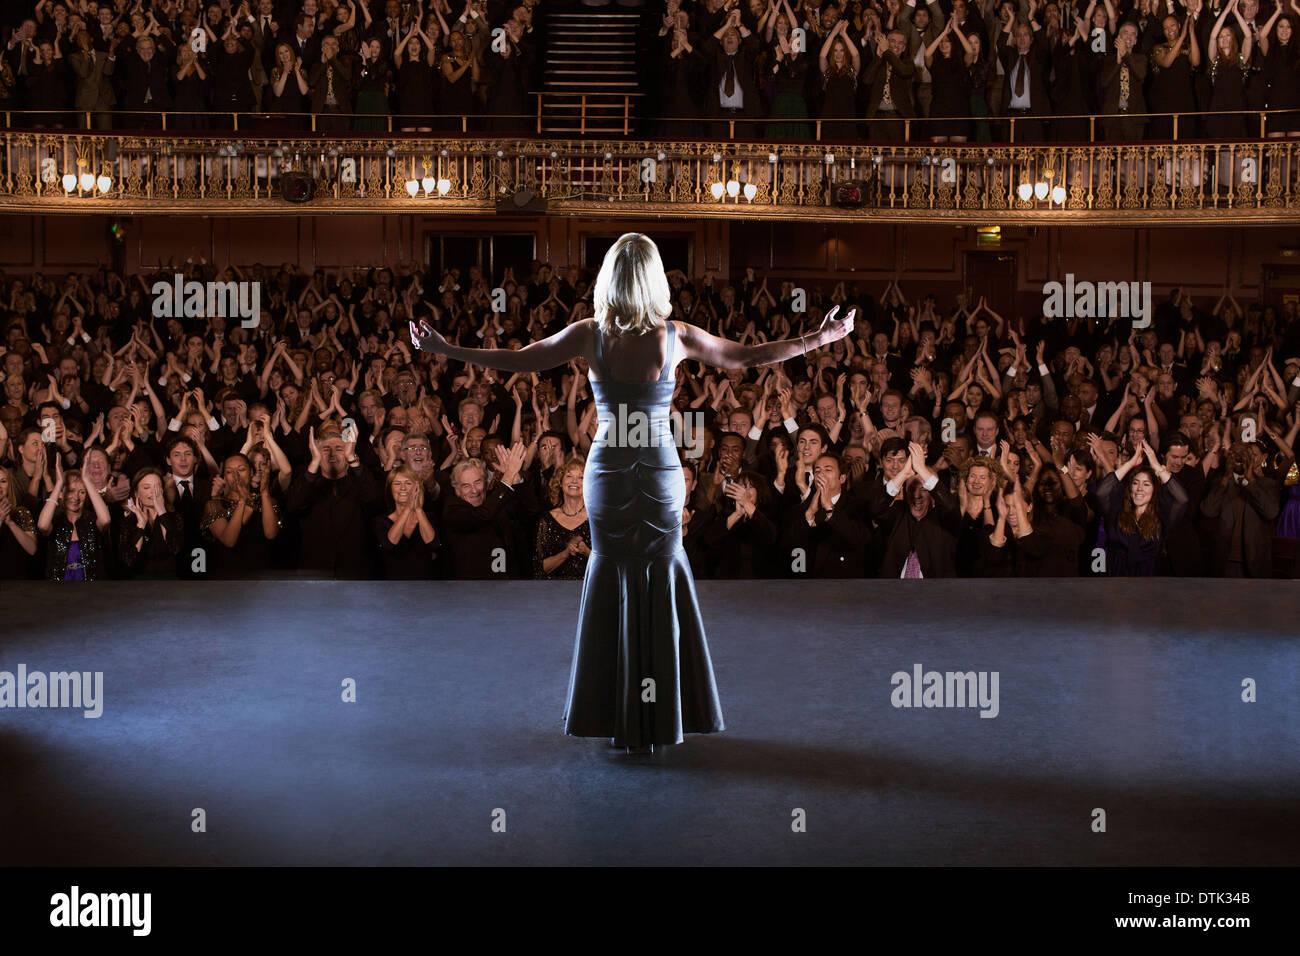 Performer stehen mit auf der Bühne im Theater ausgestreckten Armen Stockbild